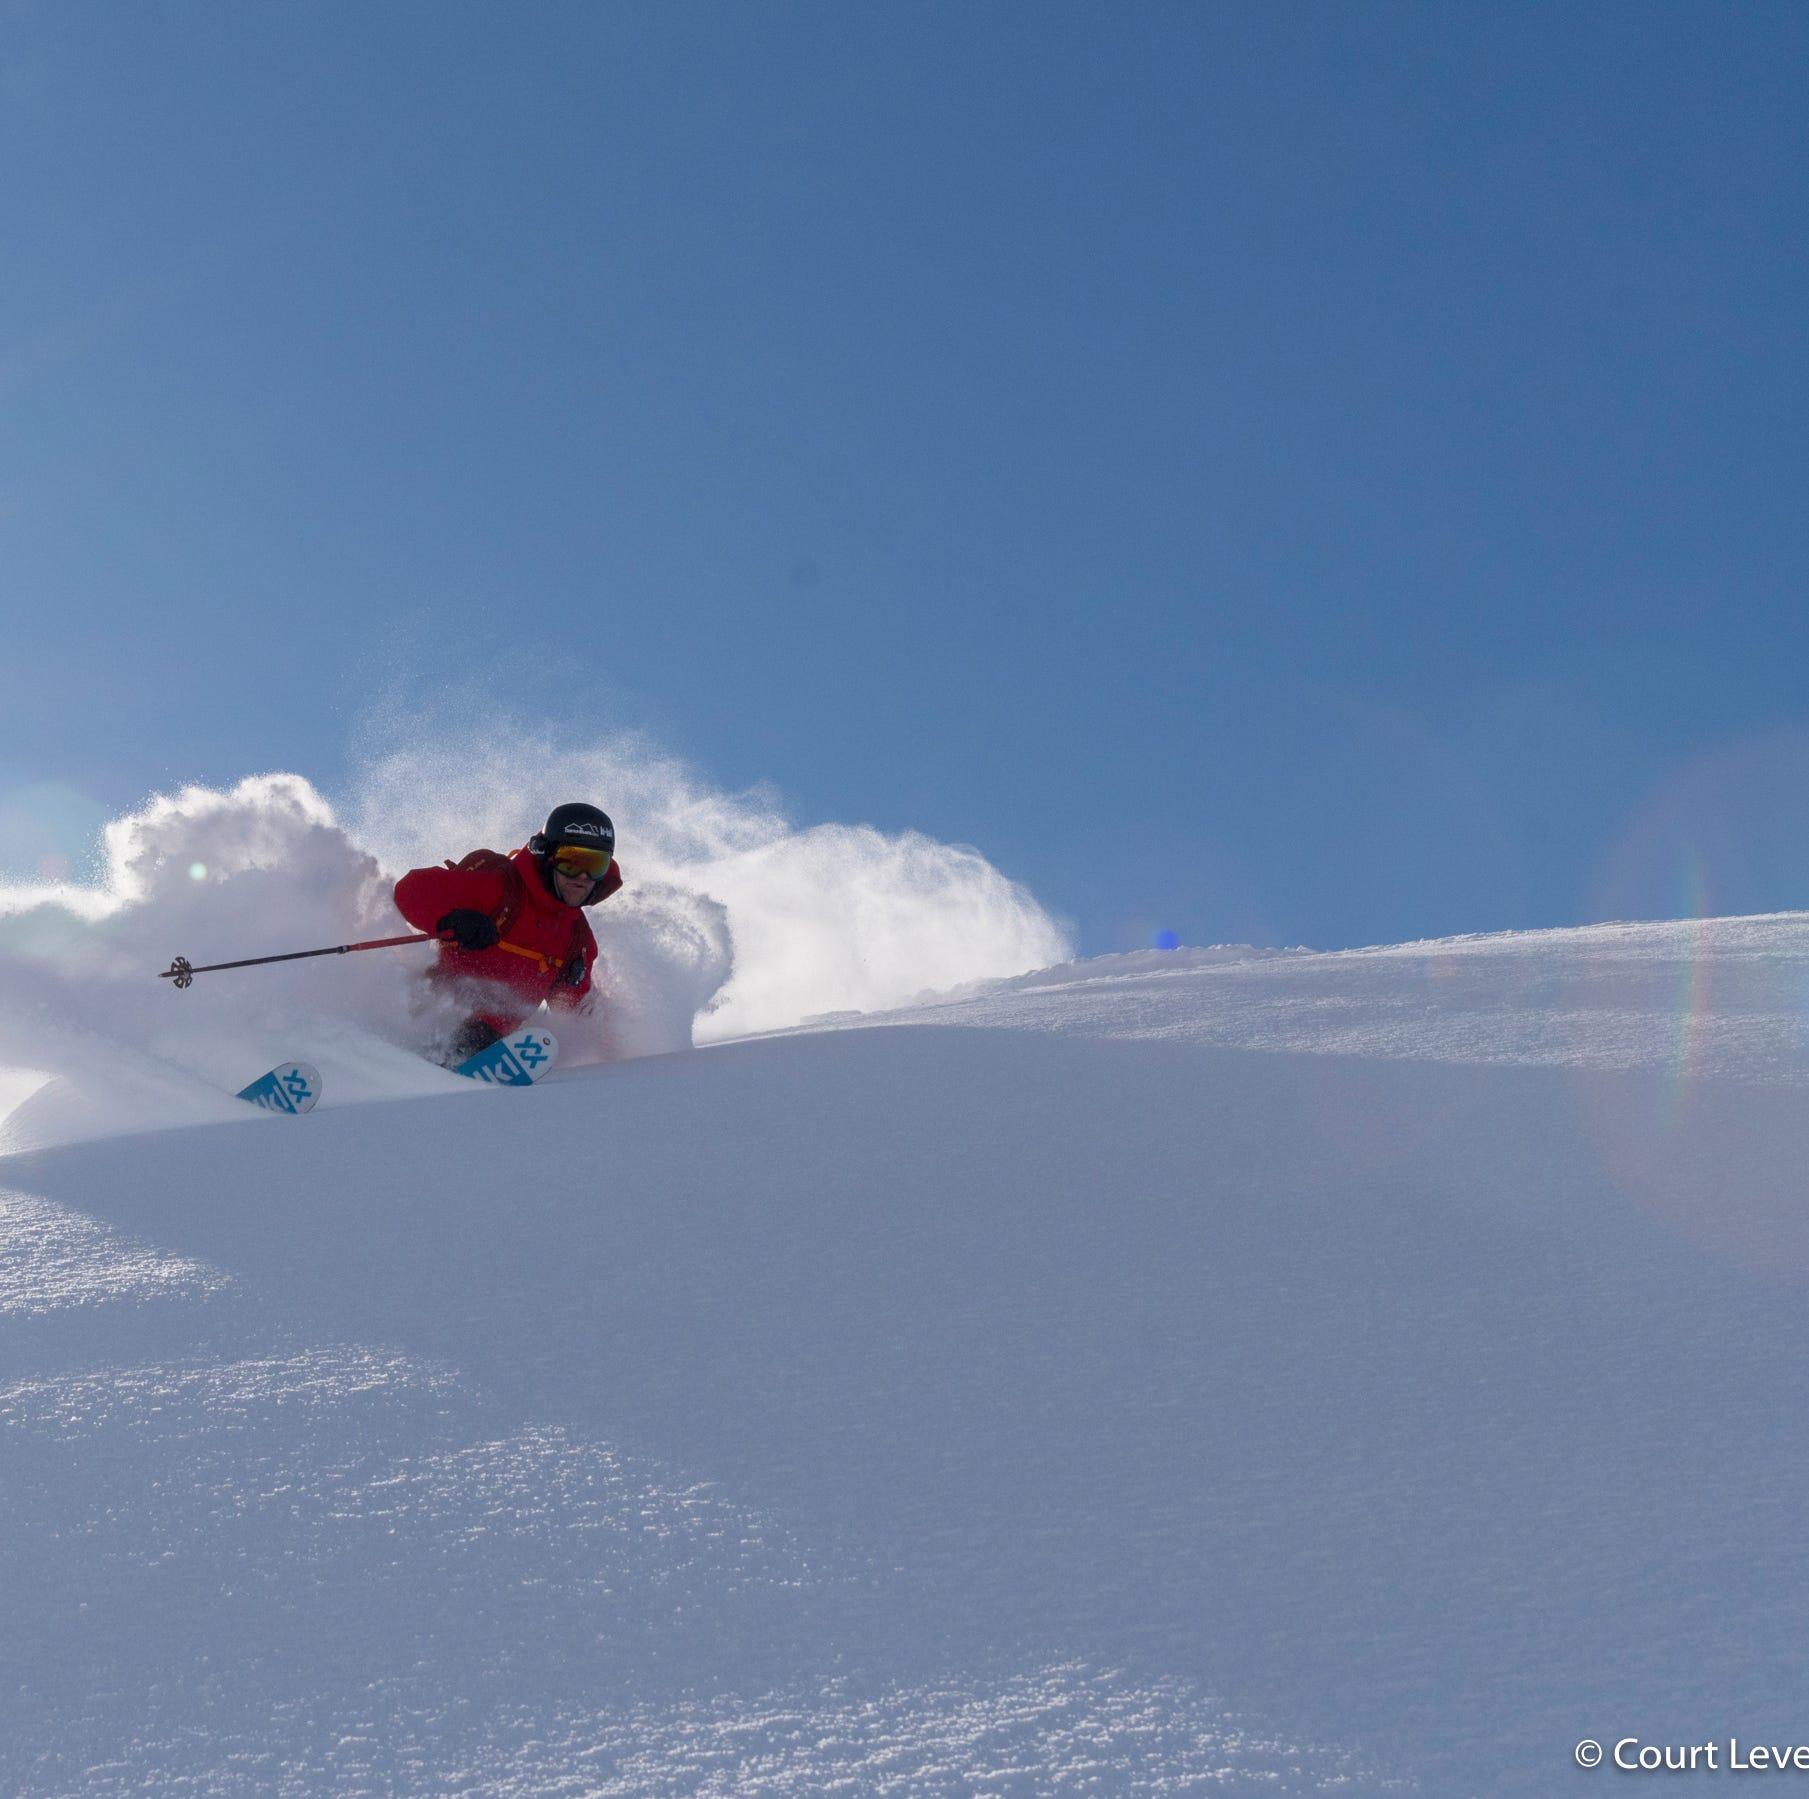 Catch new Warren Miller ski film, get Squaw-Alpine voucher with ticket